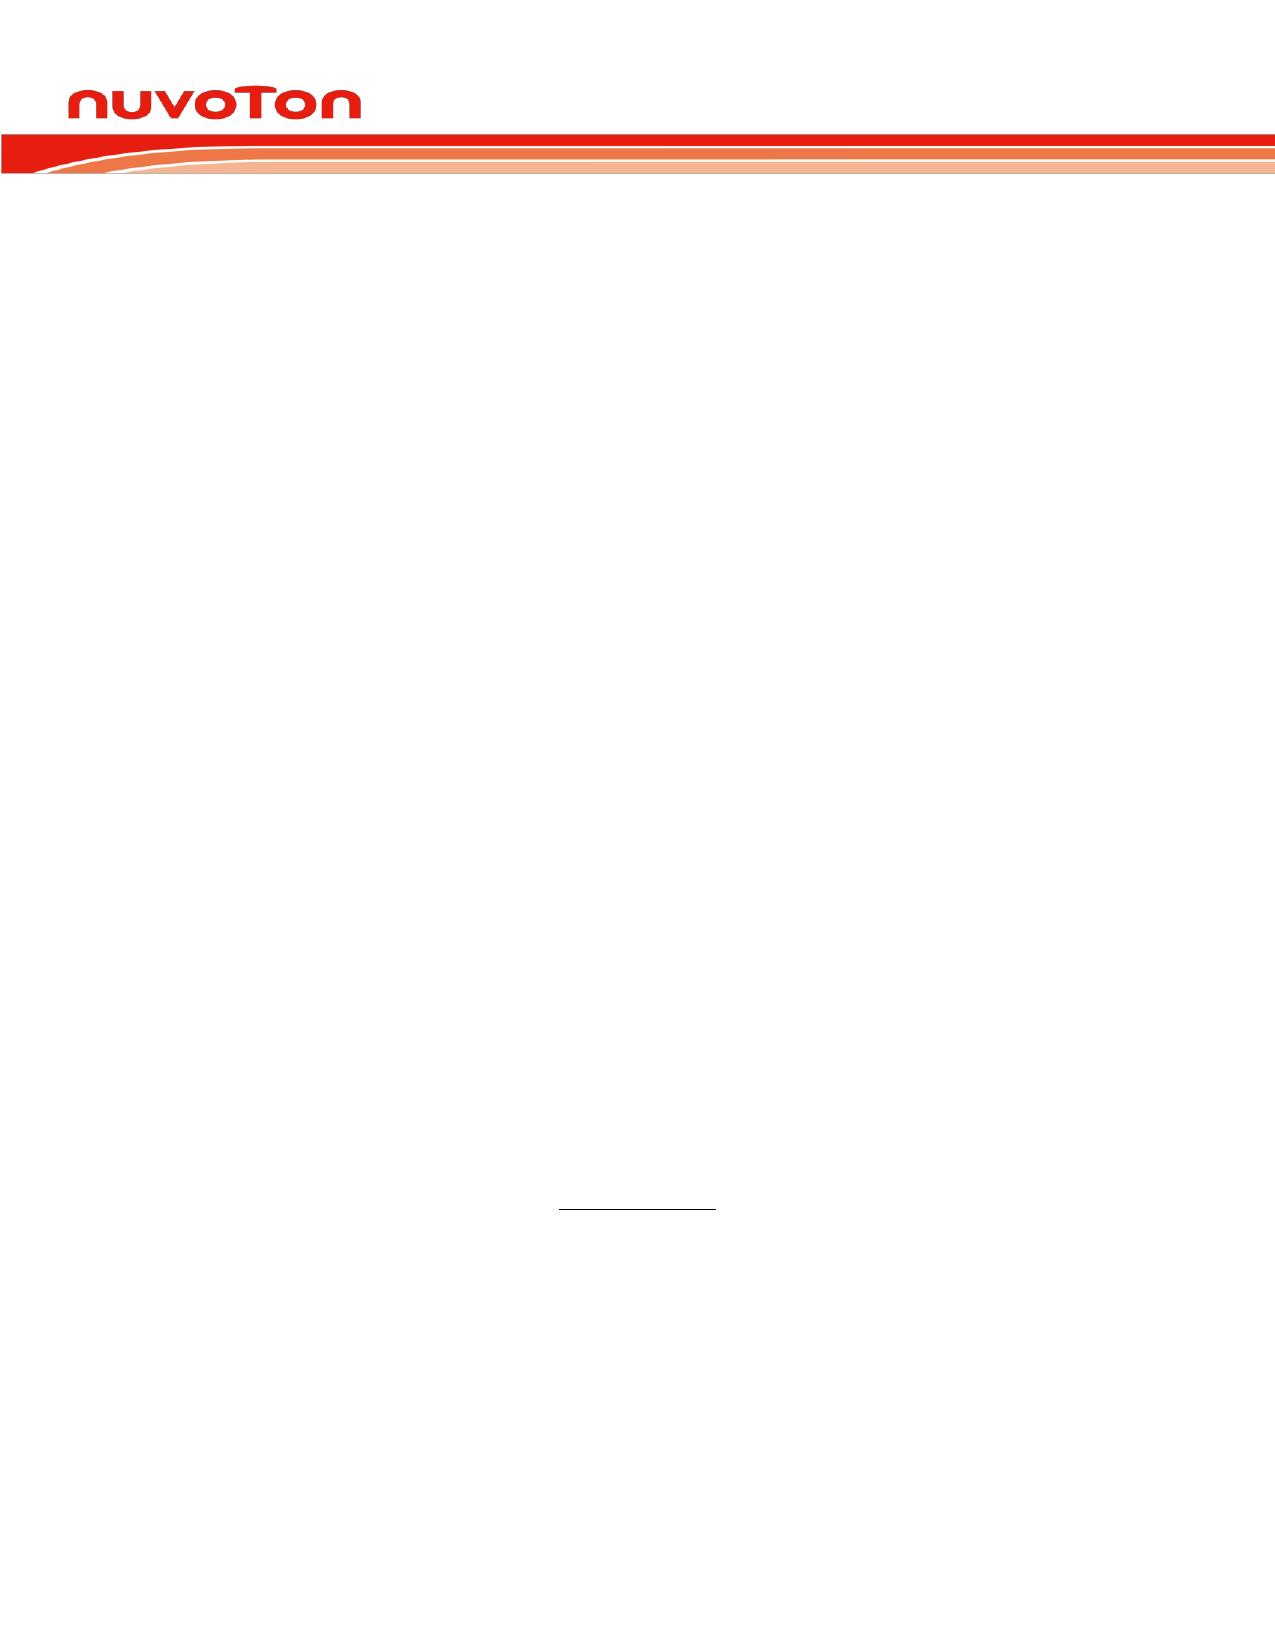 N588H341 Datasheet, N588H341 PDF,ピン配置, 機能